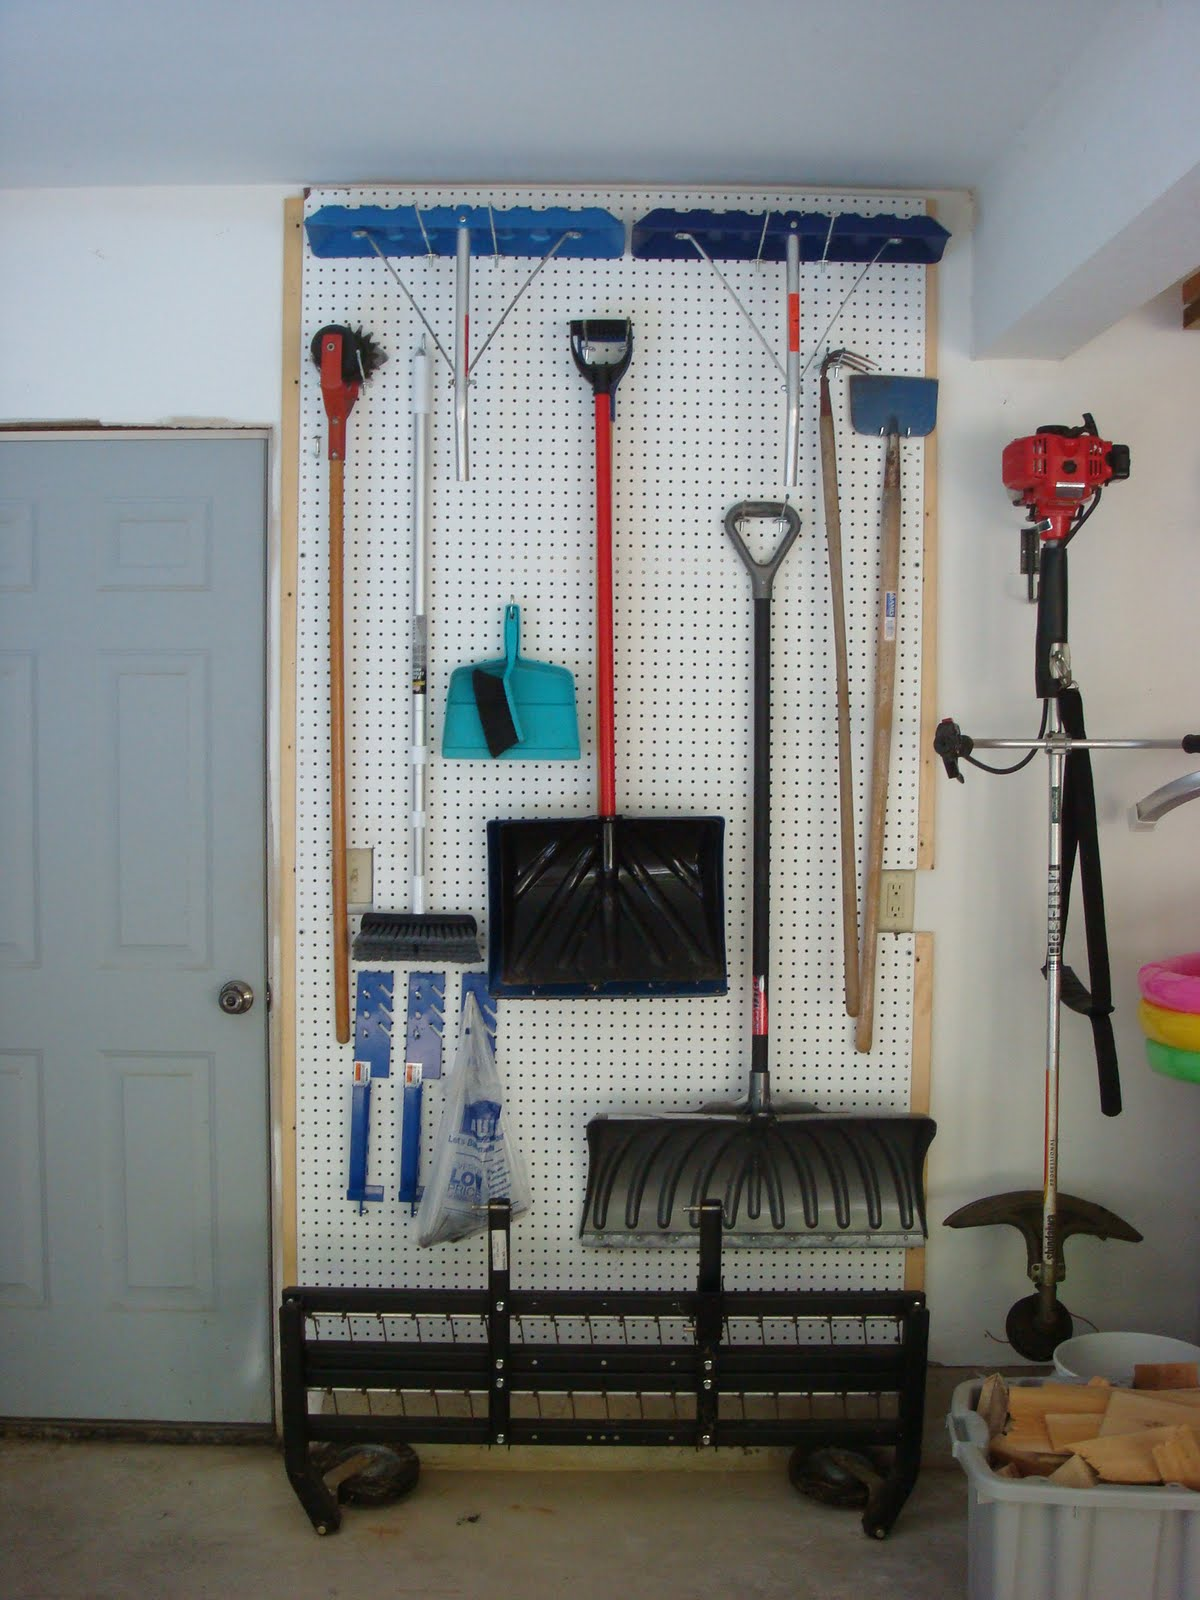 Pegboard Garage Organization Ideas Part - 48: More Garage Organization